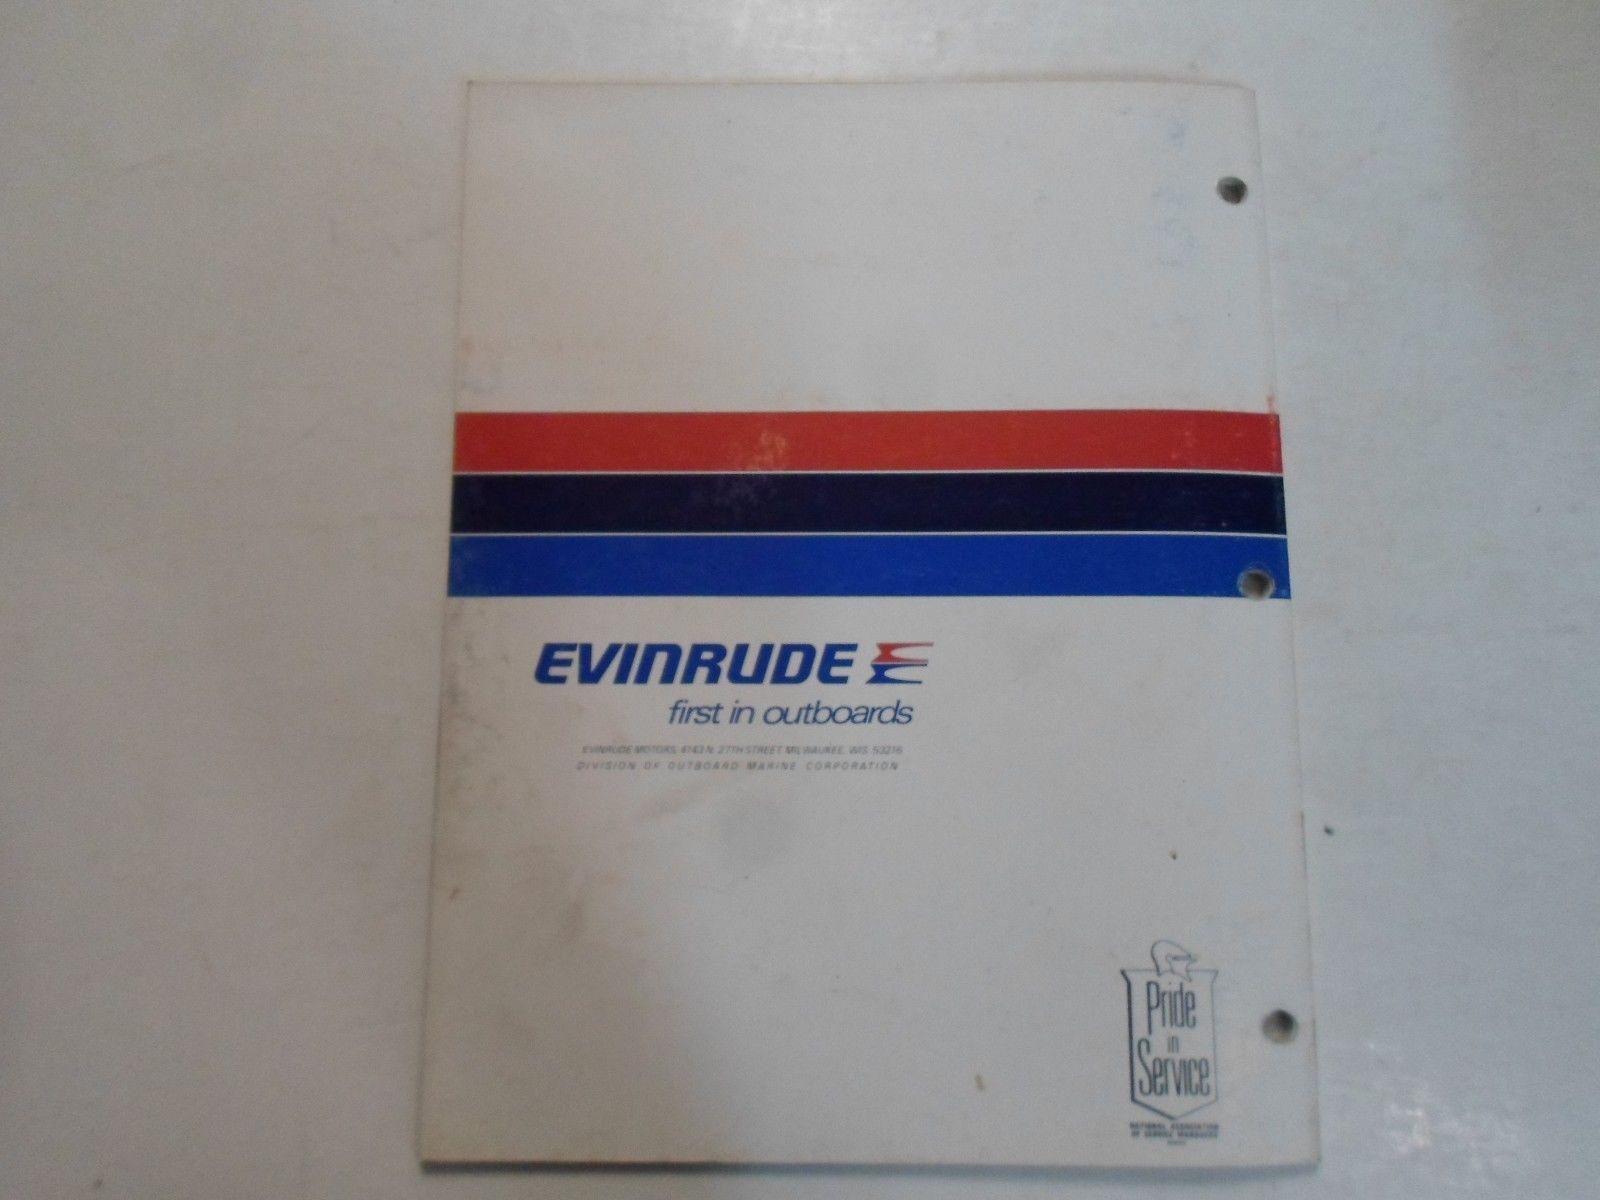 1977 Evinrude Service Shop Repair Manual Electric EB 52 54 82 84 OEM Boat WORN image 12